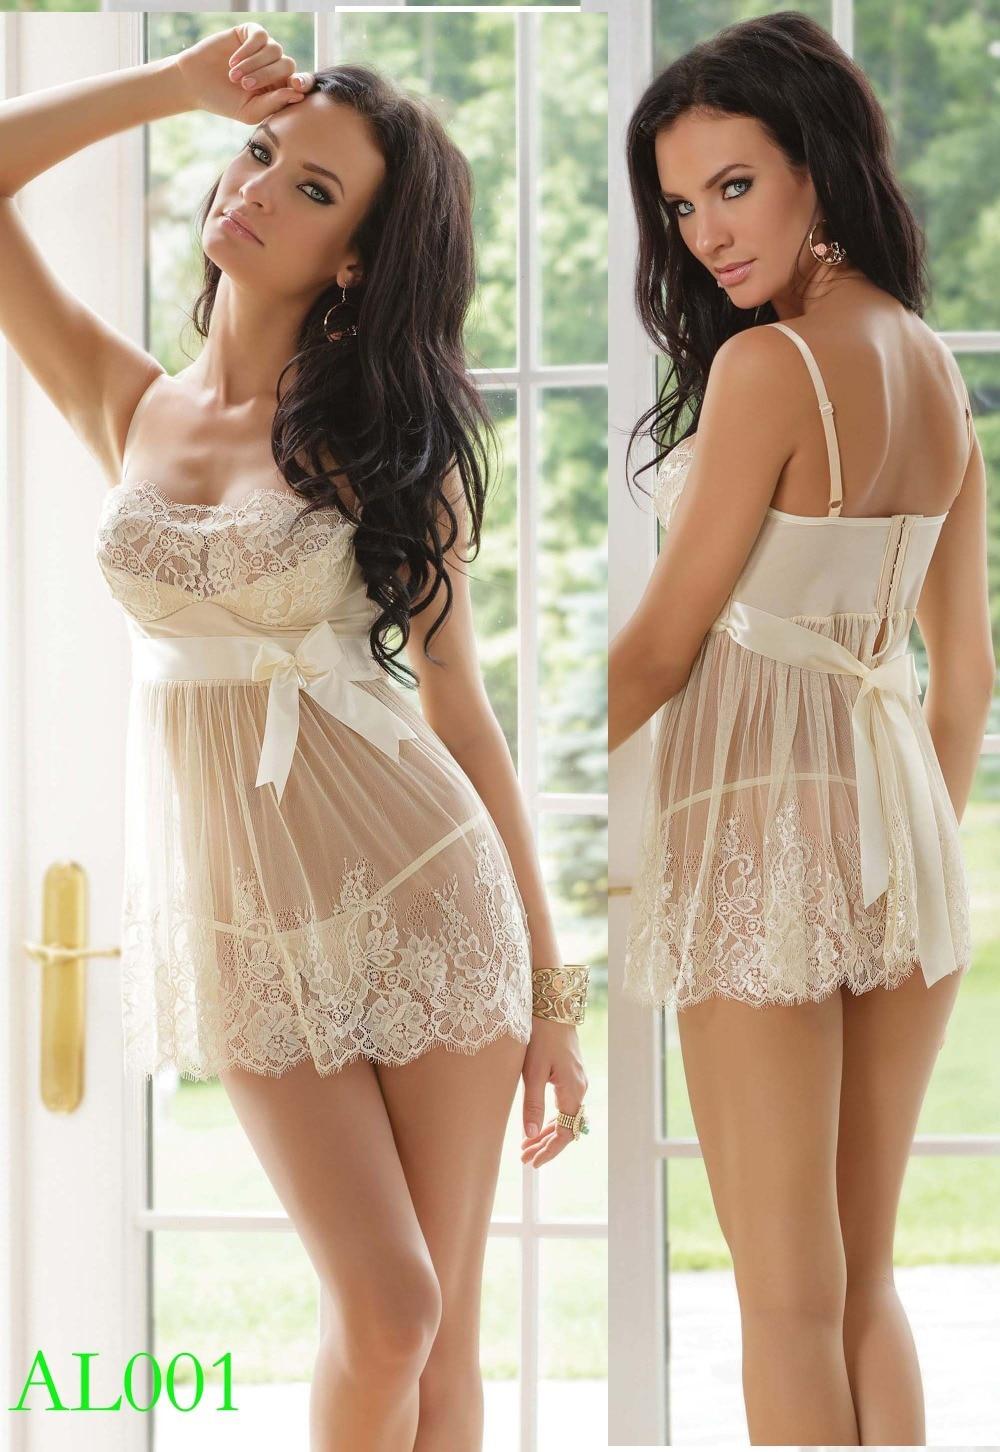 New Wedding Bridal Night Y Lace Uniform Sleepwear Teddy Underwear Club Wear Clubwear Babydoll White Dress Al001 In Exotic Arel From Novelty